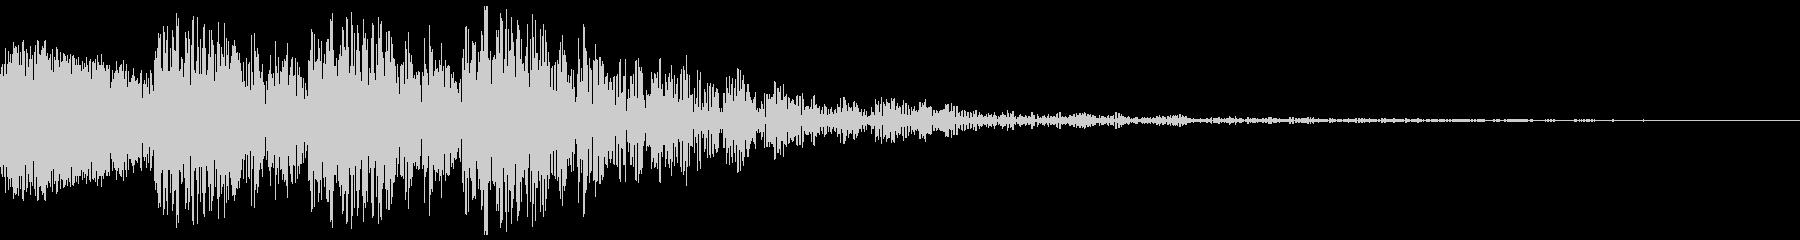 文字のインパクト音が4回鳴ります。の未再生の波形